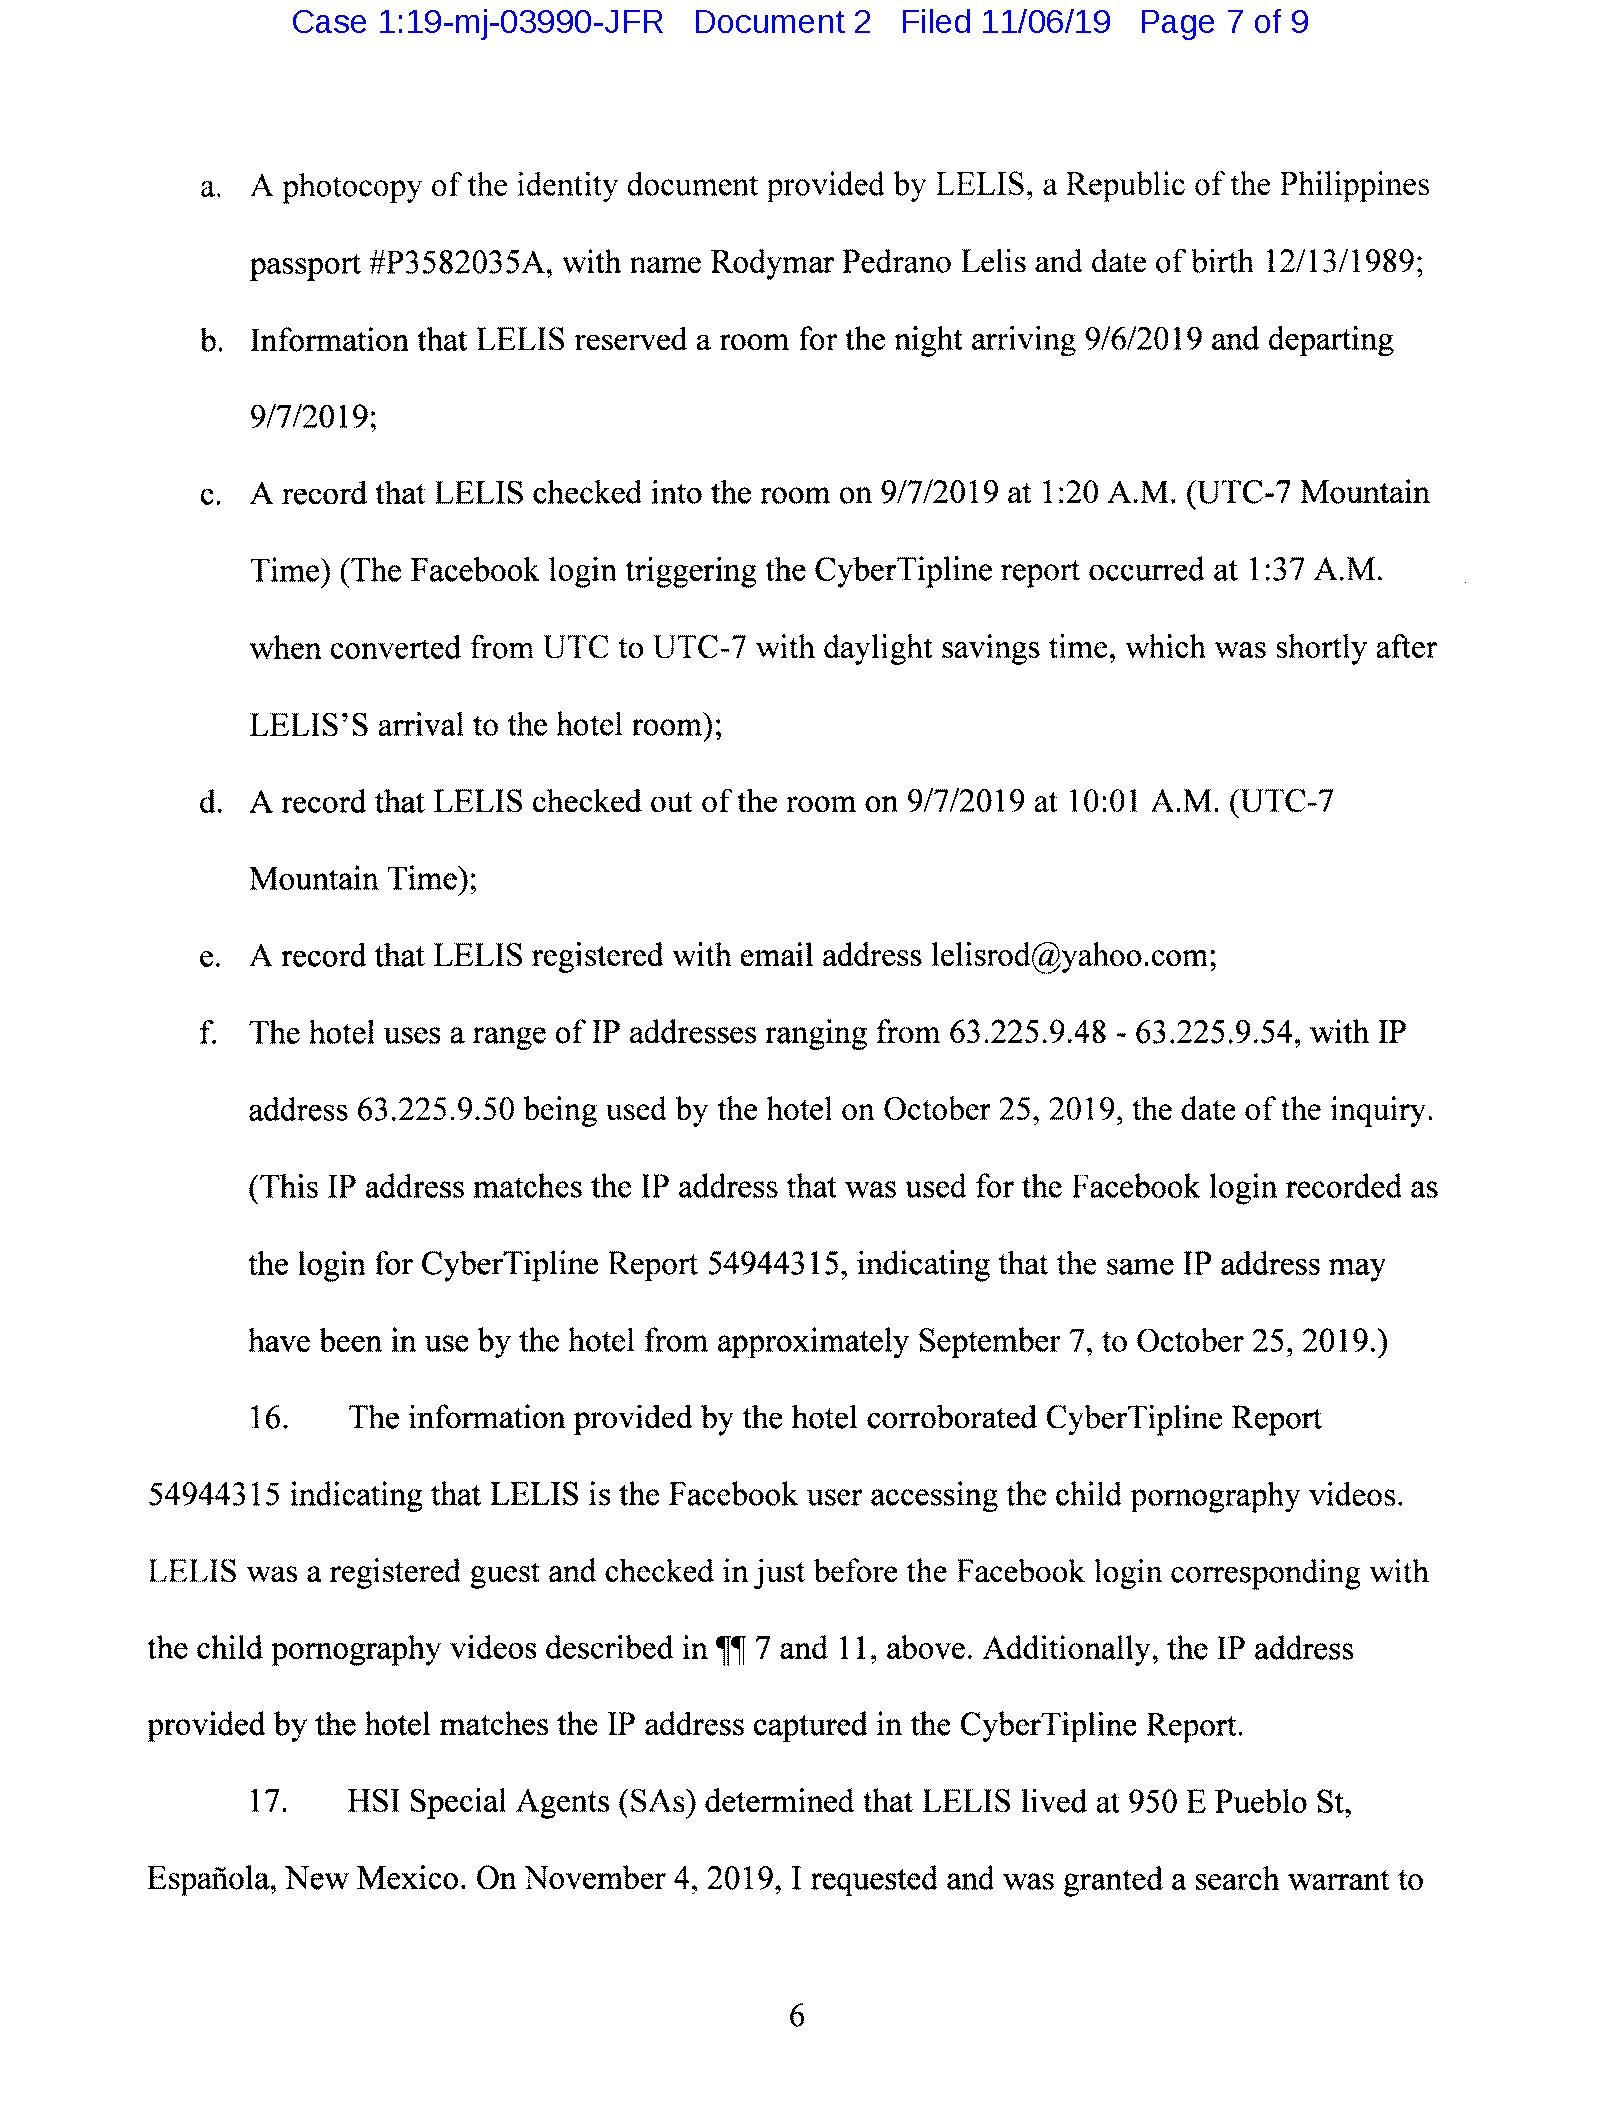 Copy of Complaint7.png